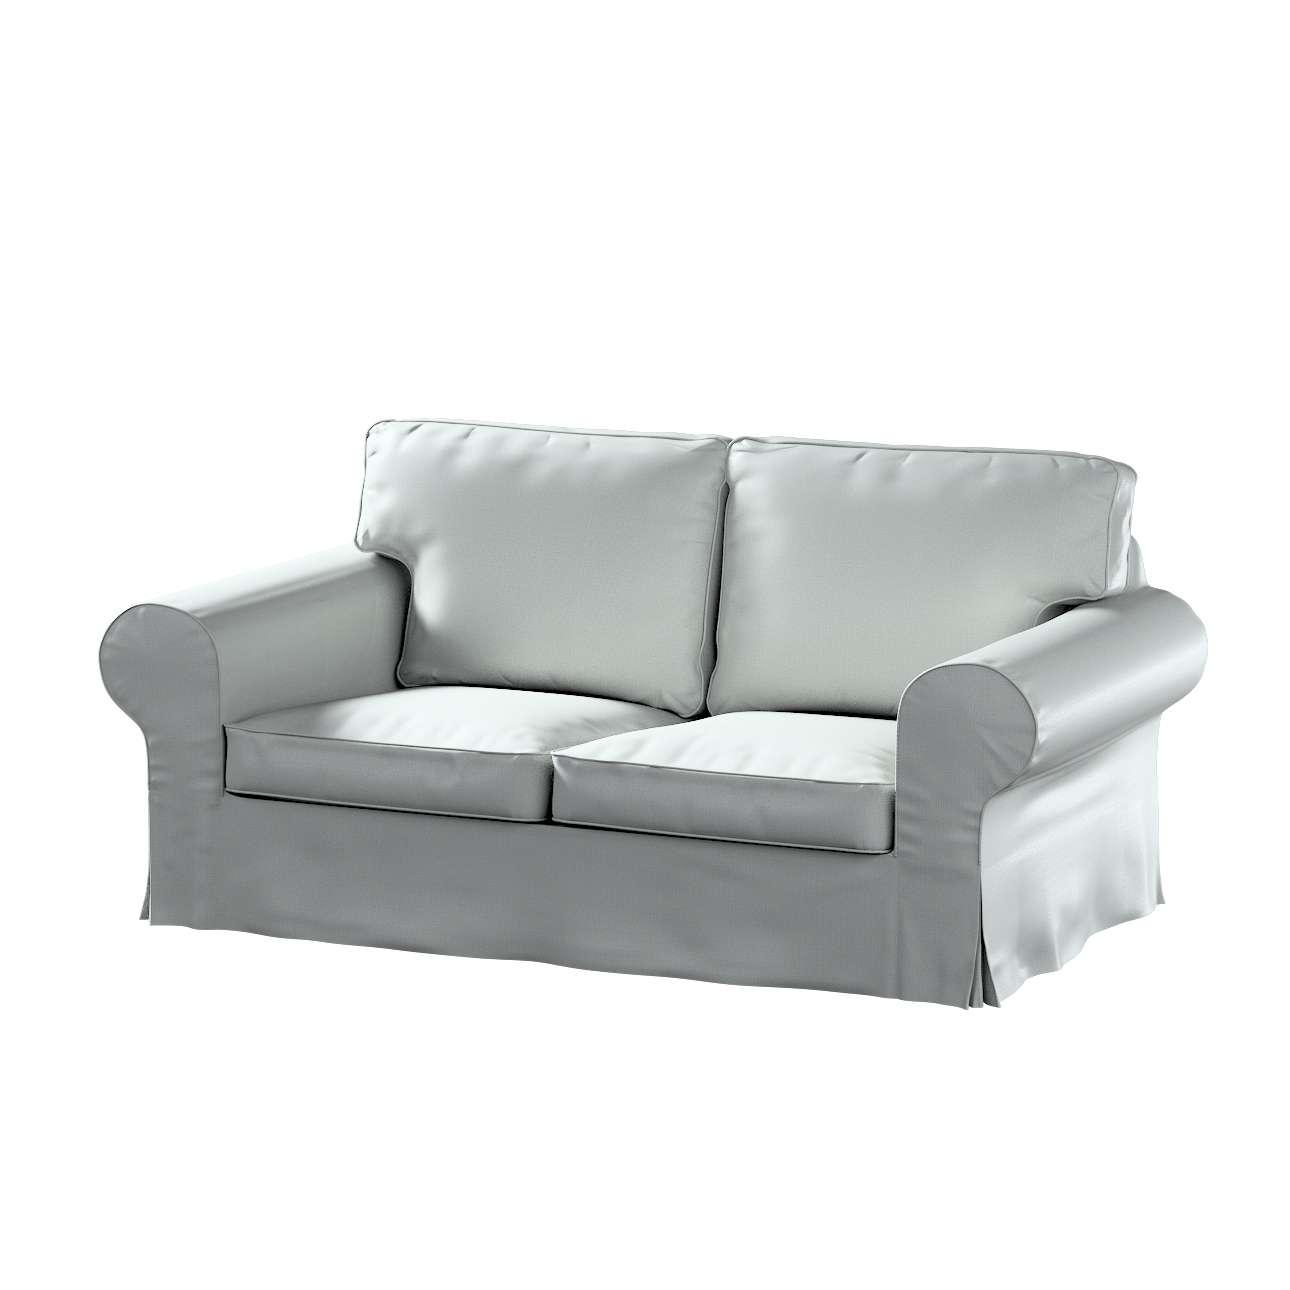 Pokrowiec na sofę Ektorp 2-osobową, nierozkładaną w kolekcji Bergen, tkanina: 161-72